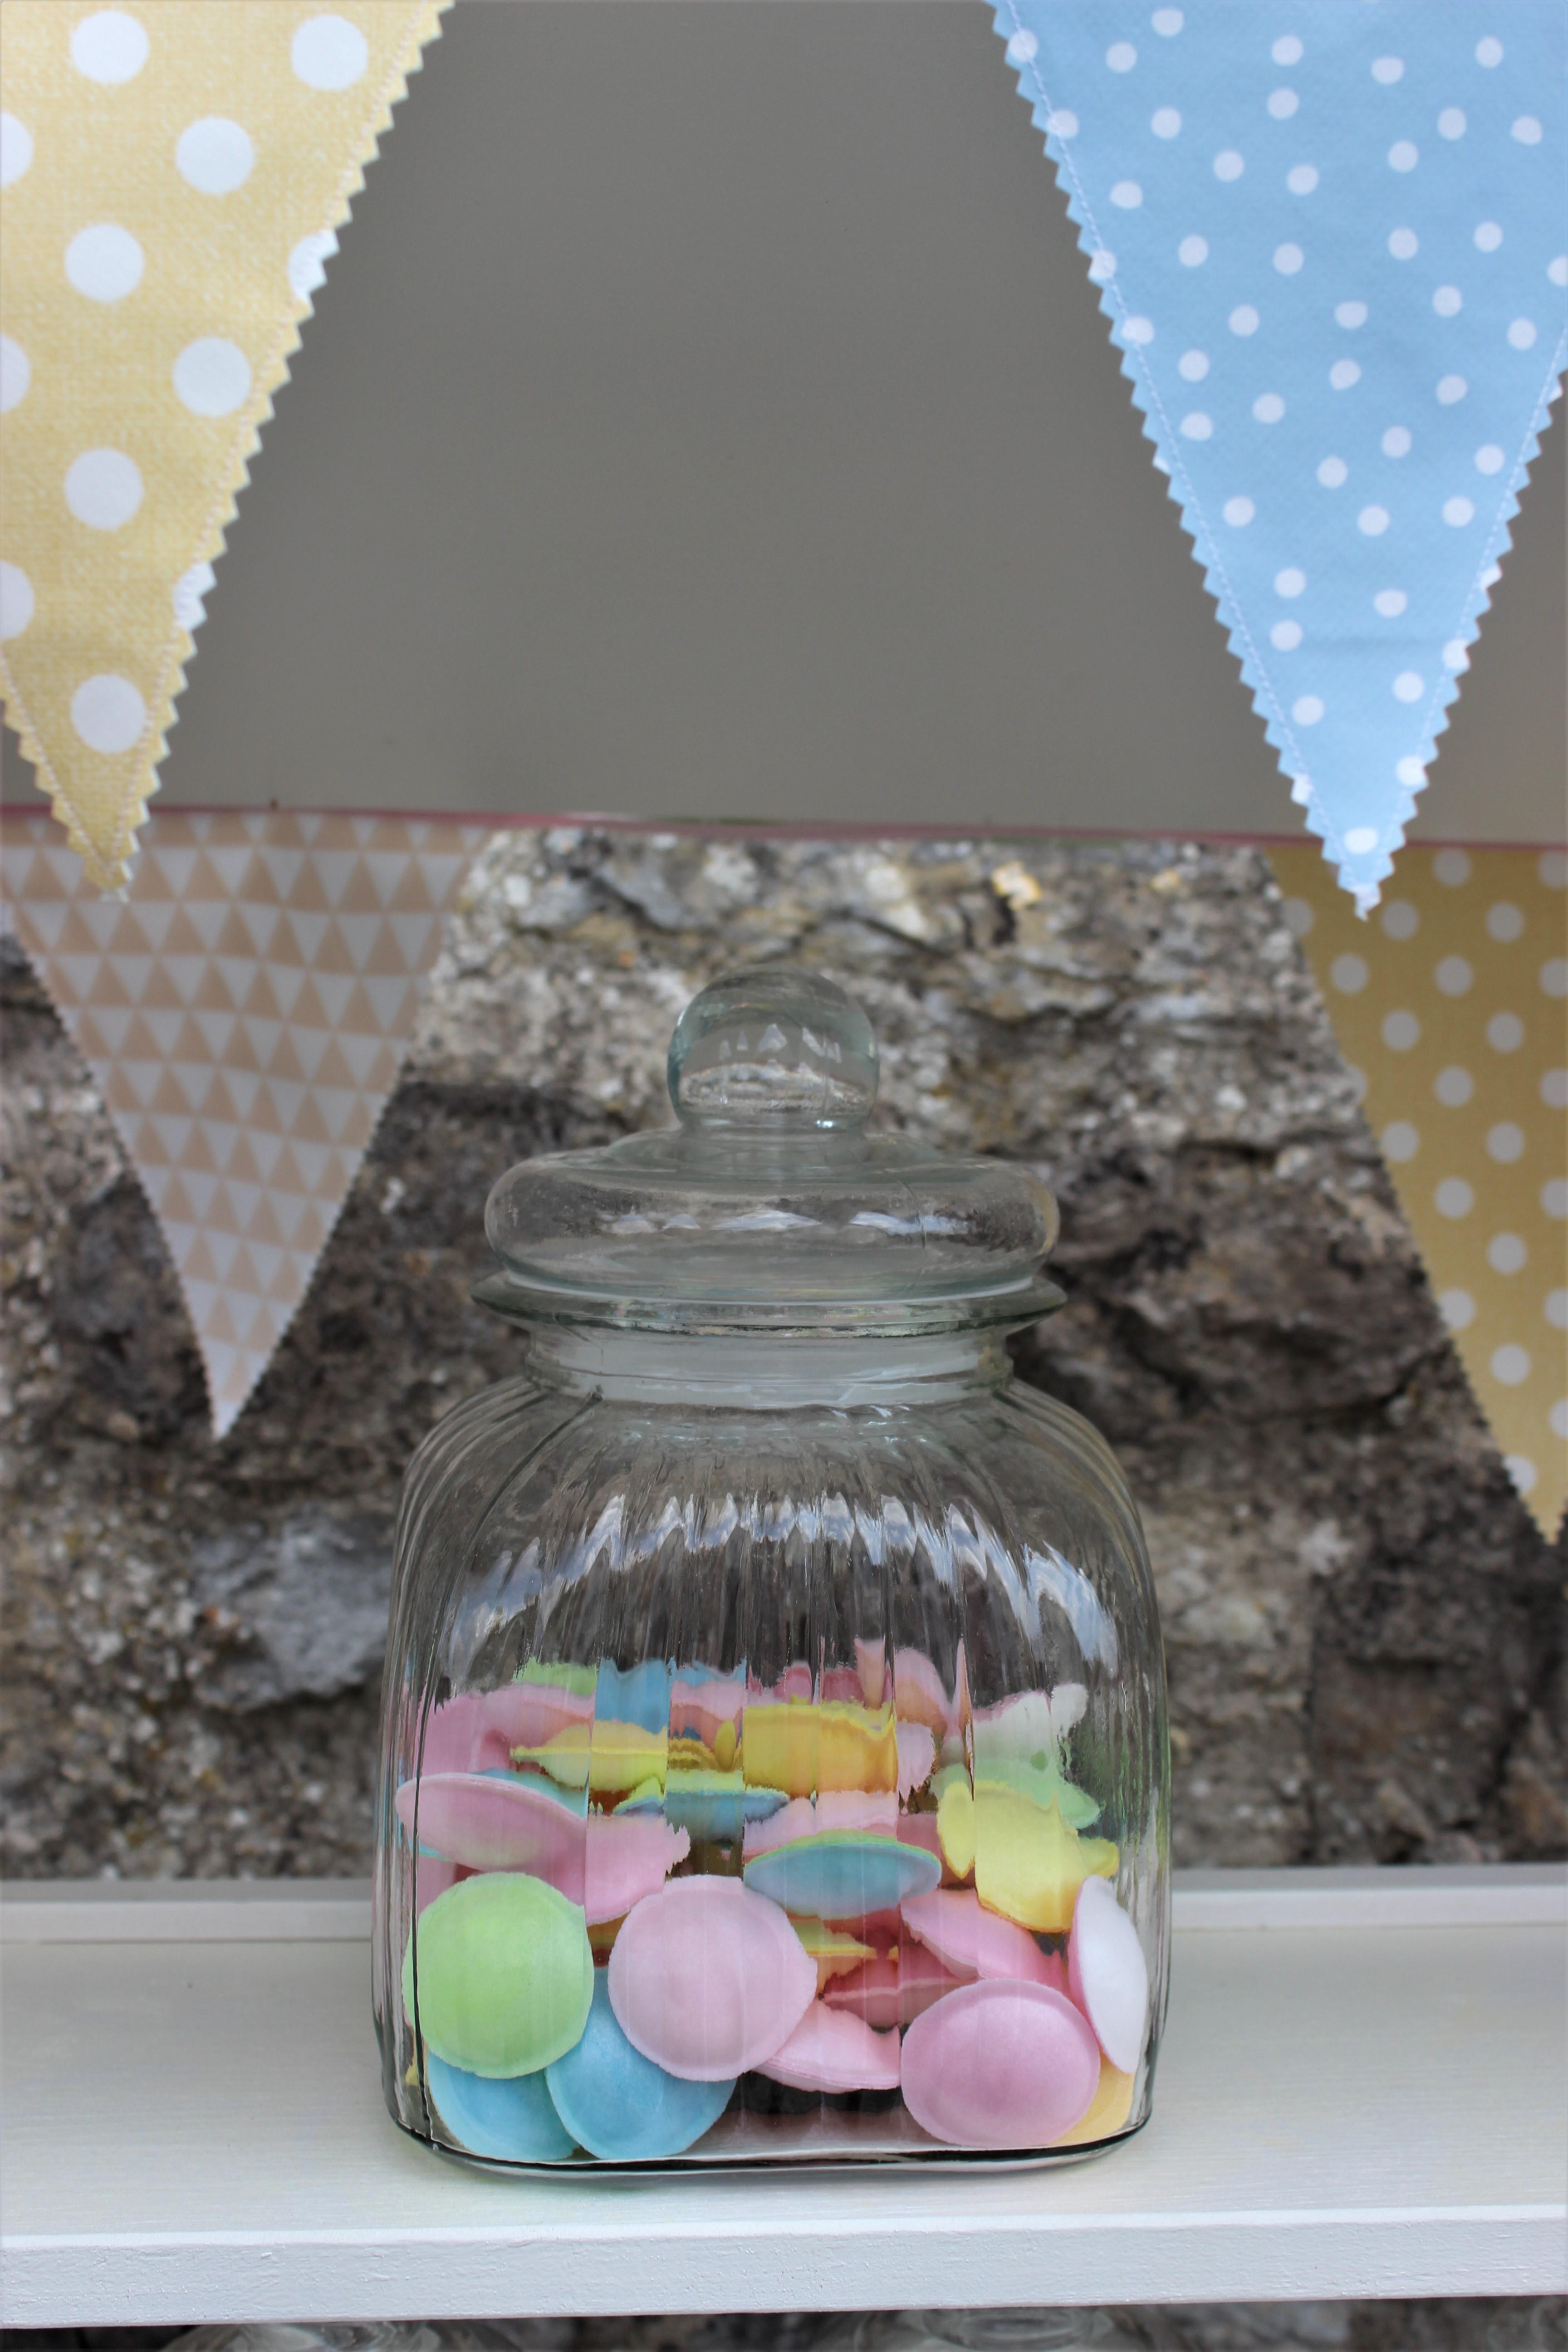 - Ausleihe Glas für Candy Bar eckig16x24cm - Onlineshop Tante Emmer